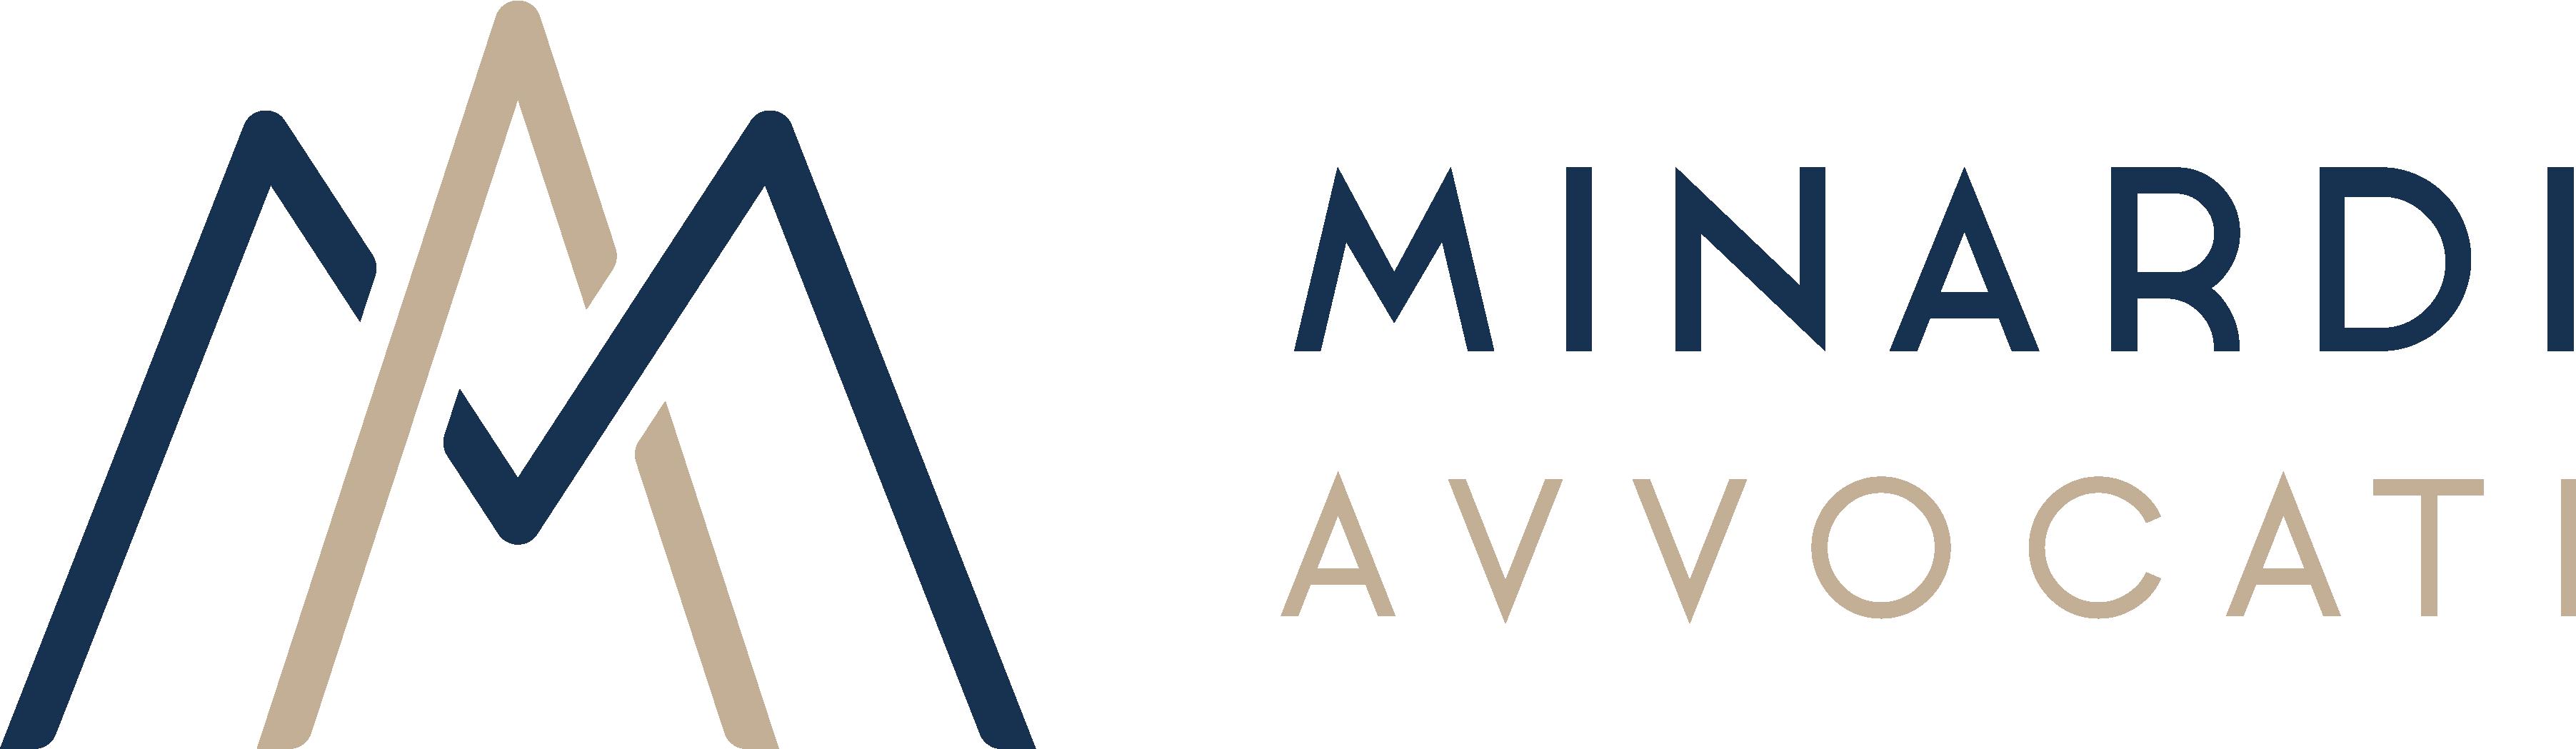 Minardi Avvocati